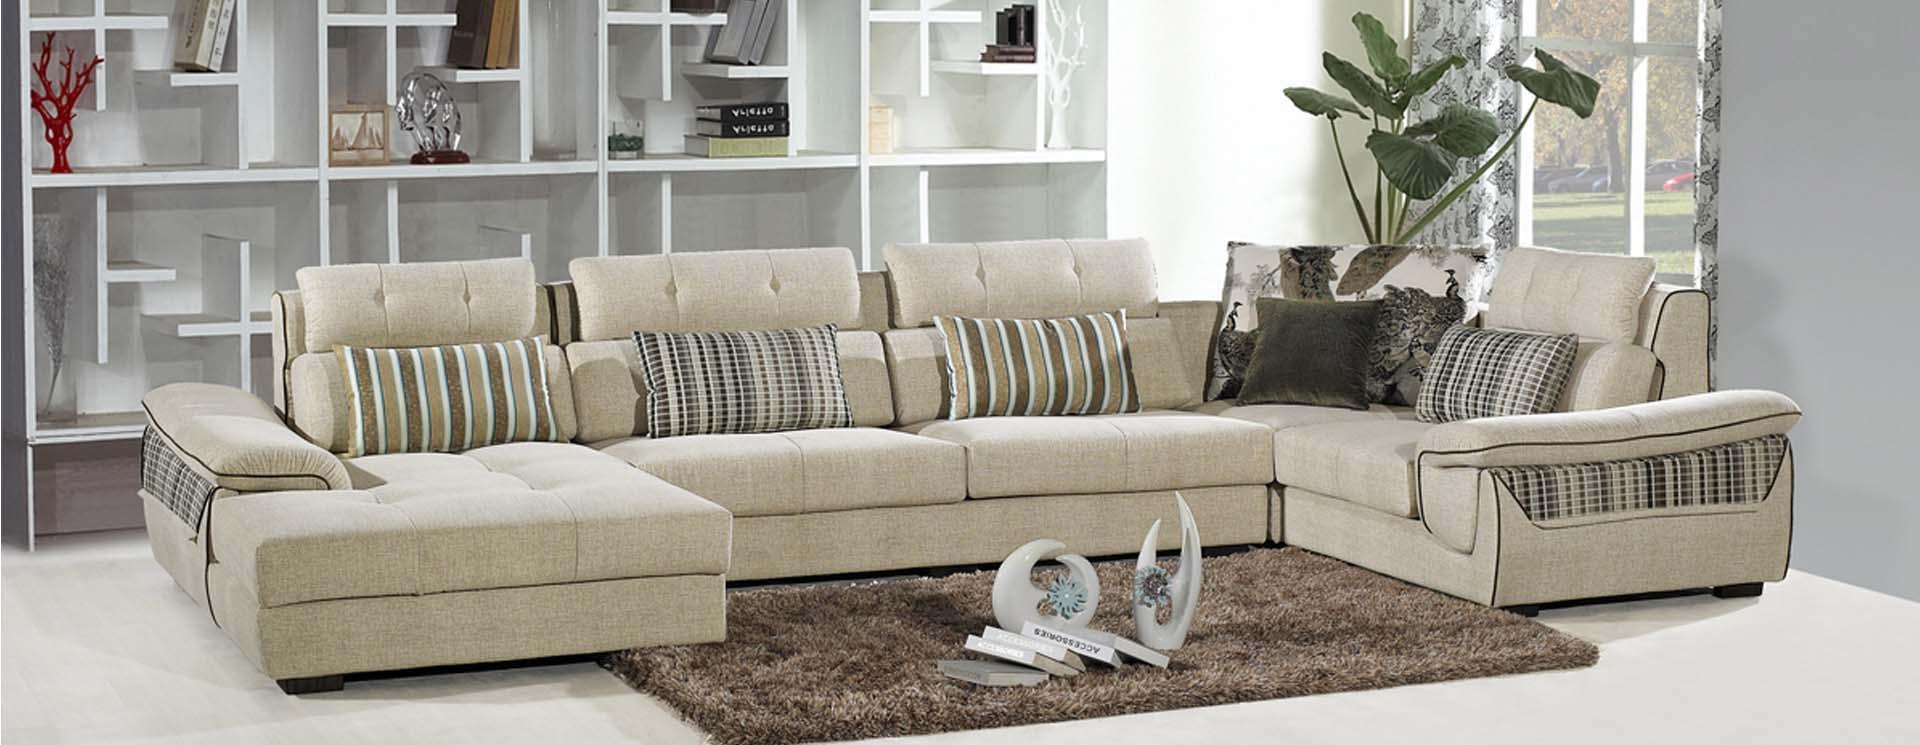 名称:沙发E-660A#<br/> 市场价:<font style='color:#999;text-decoration:line-through;'>¥0</font><br />全国统一零售价:<font color='Red'>¥0.0</font>